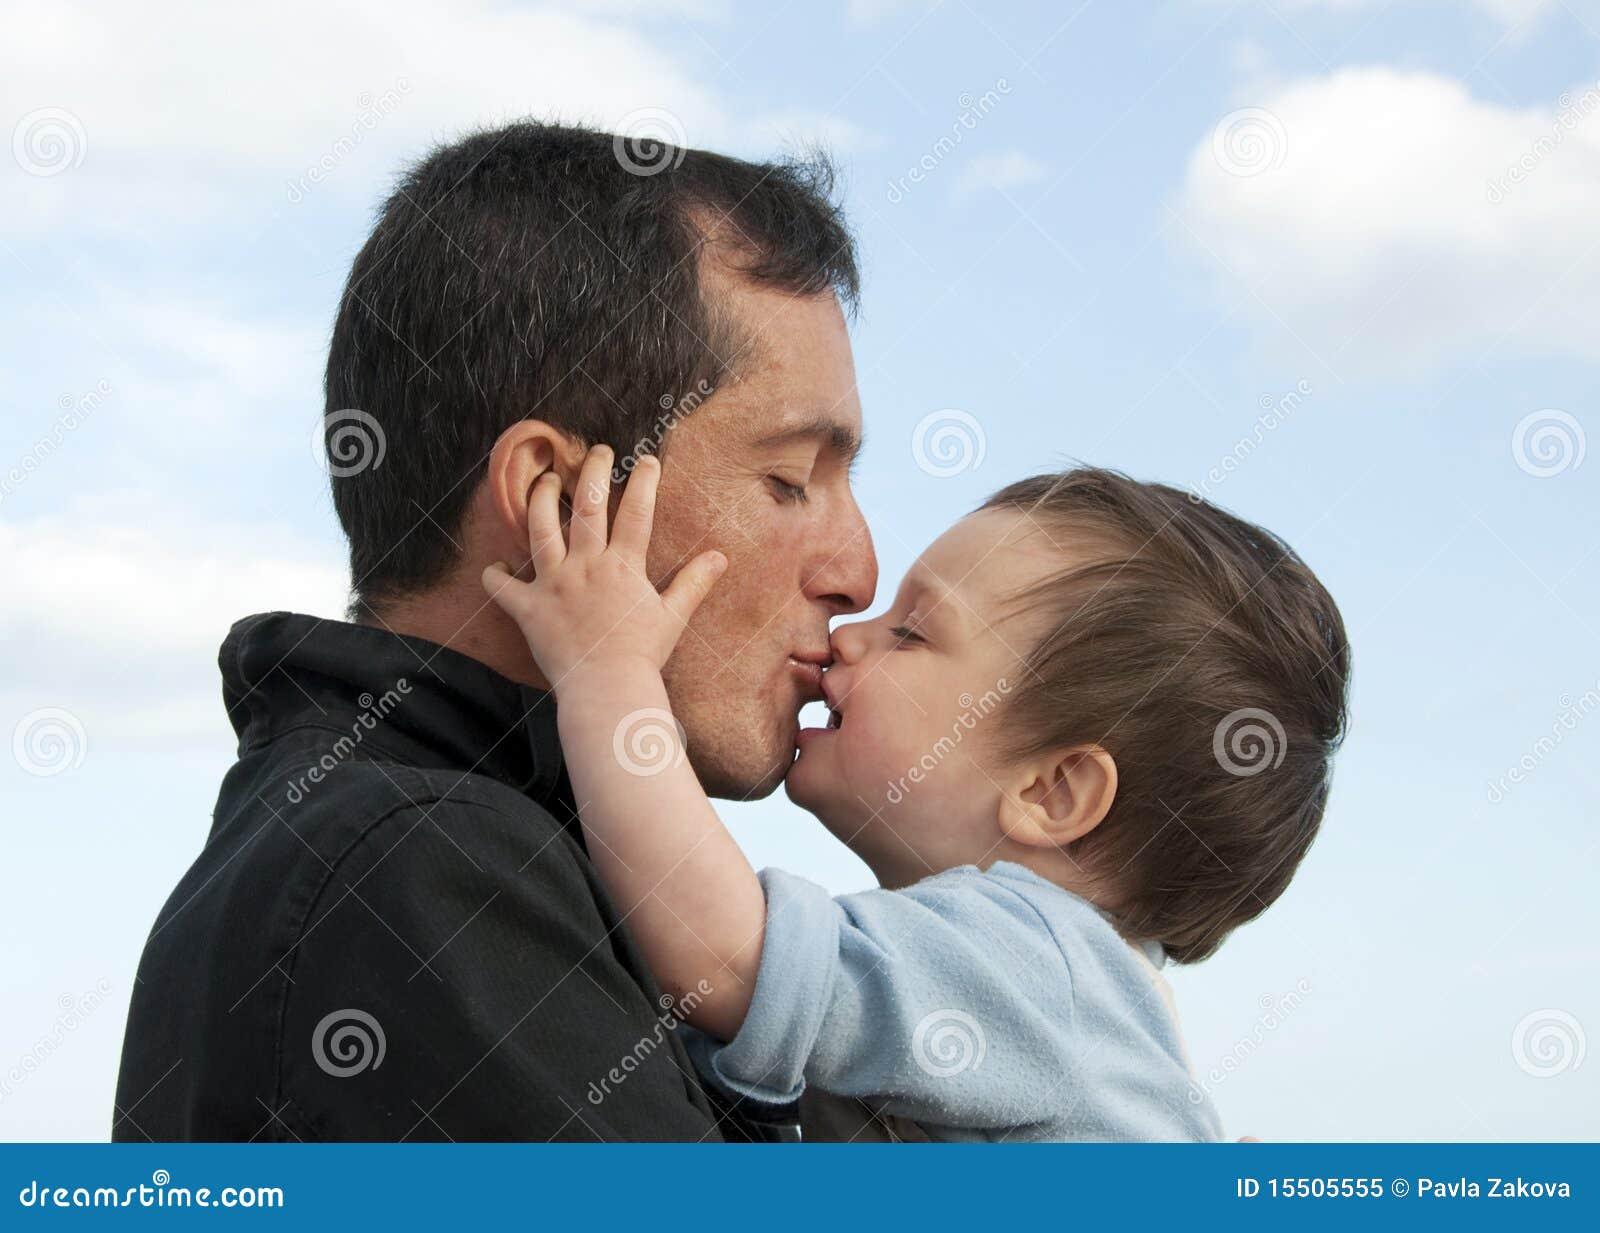 Padre E Hijo Imgenes De Archivo Vectores Padre E Hijo